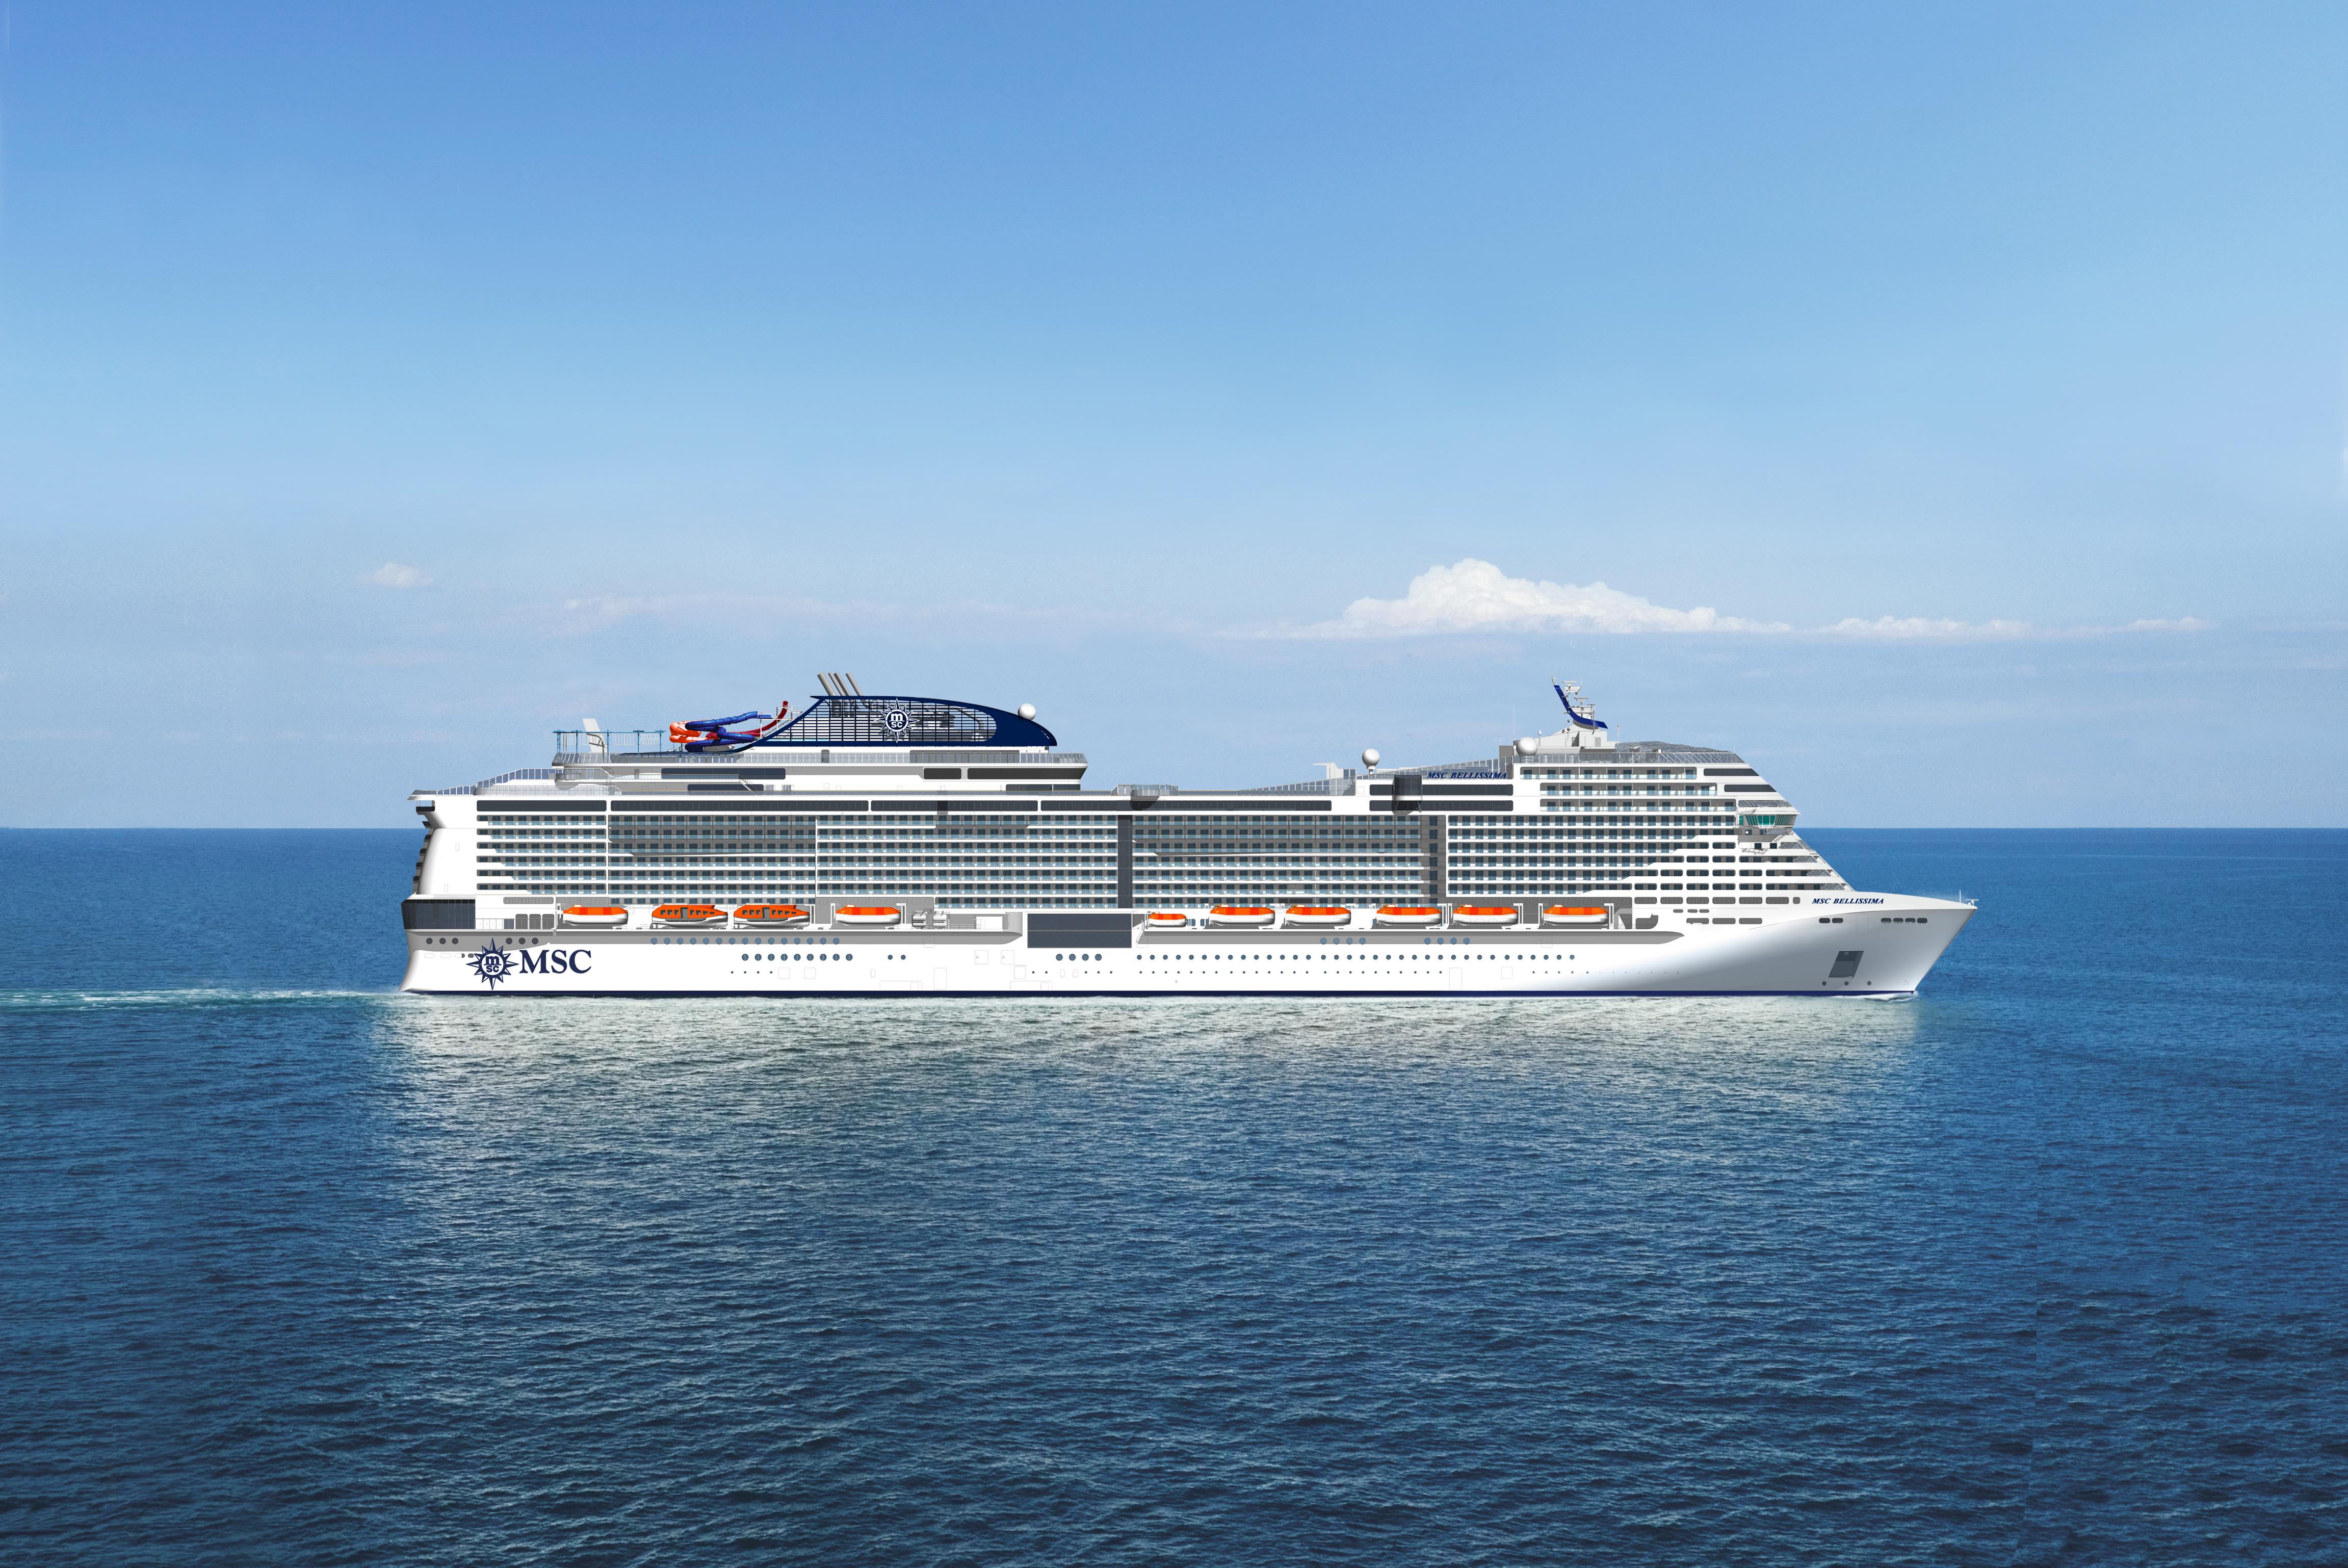 Der Wachstumskurs der in Genf beheimateten Kreuzfahrtreederei MSC Cruises geht weiter: Der Umsatz kletterte im Jahr 2018 um 13 Prozent auf knapp 2,8 Milliarden Euro. Dabei wurden bei der Buchung 2,1 Milliarden Euro eingenommen, durch Einnahmen an Bord kamen noch einmal 690 Millionen Euro hinzu. Insgesamt gingen mit MSC 2.367.527 Passagiere auf Kreuzfahrt,